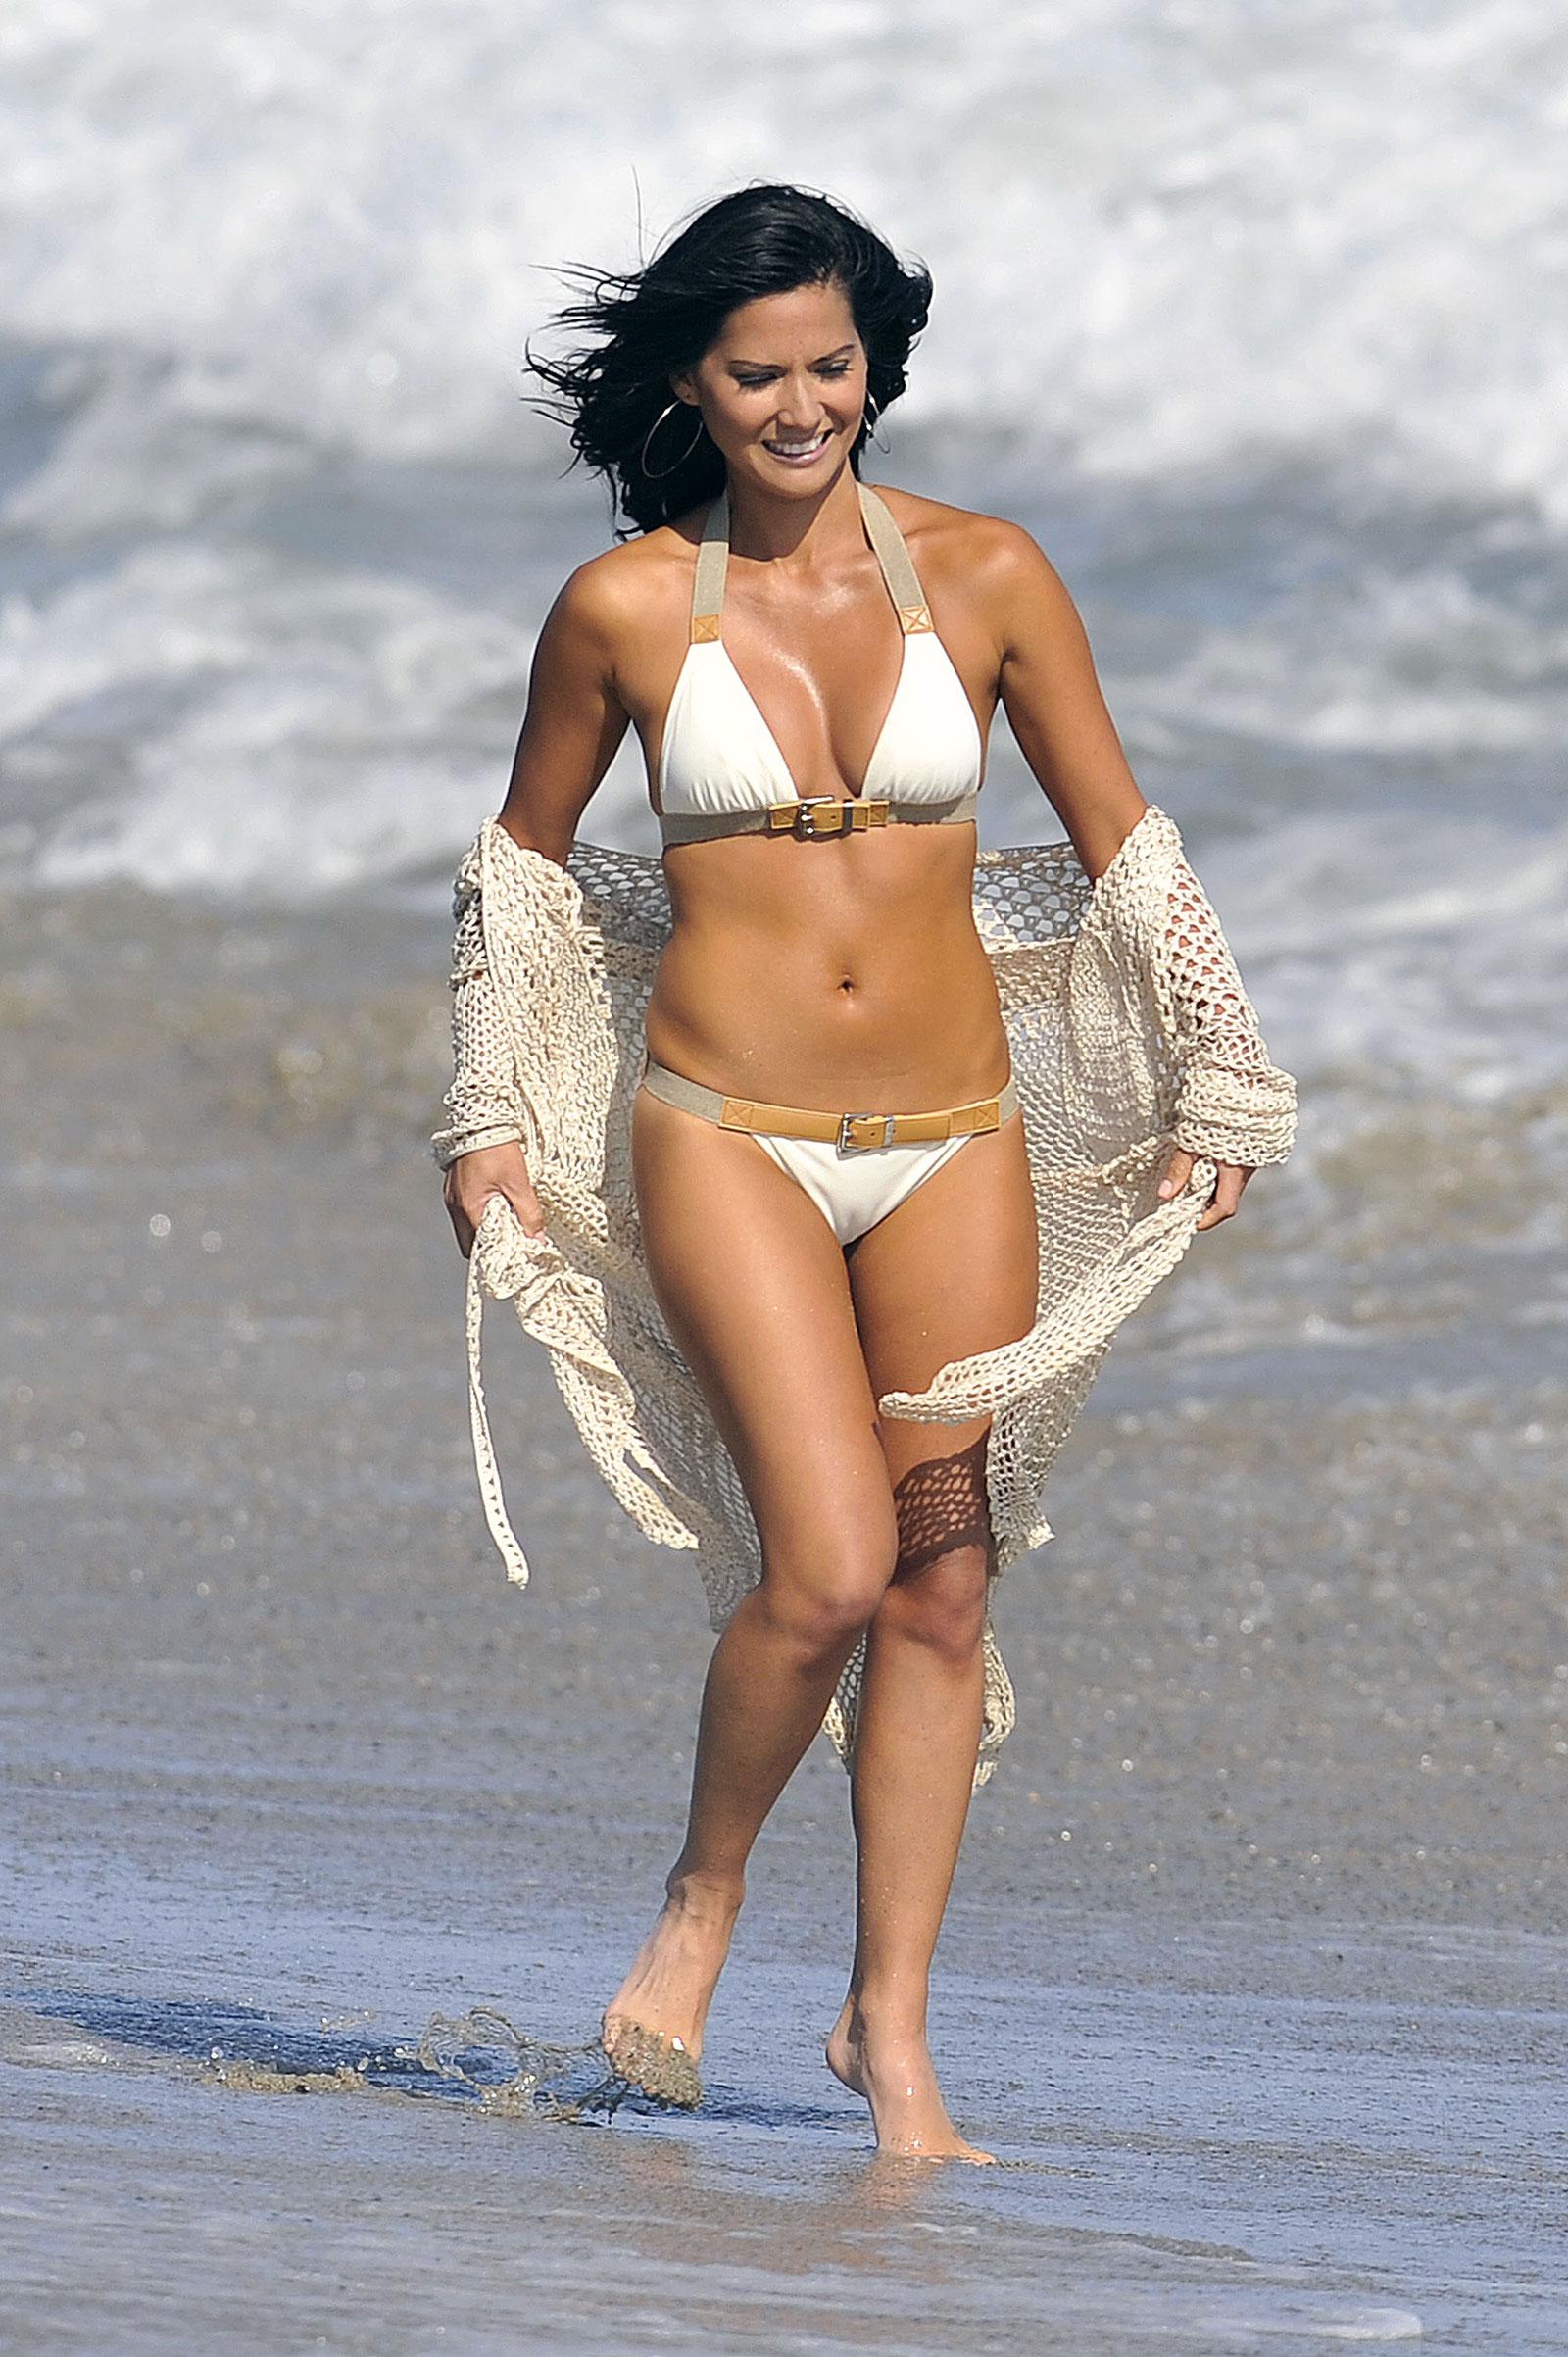 Martina mcbride Bikini Bilder